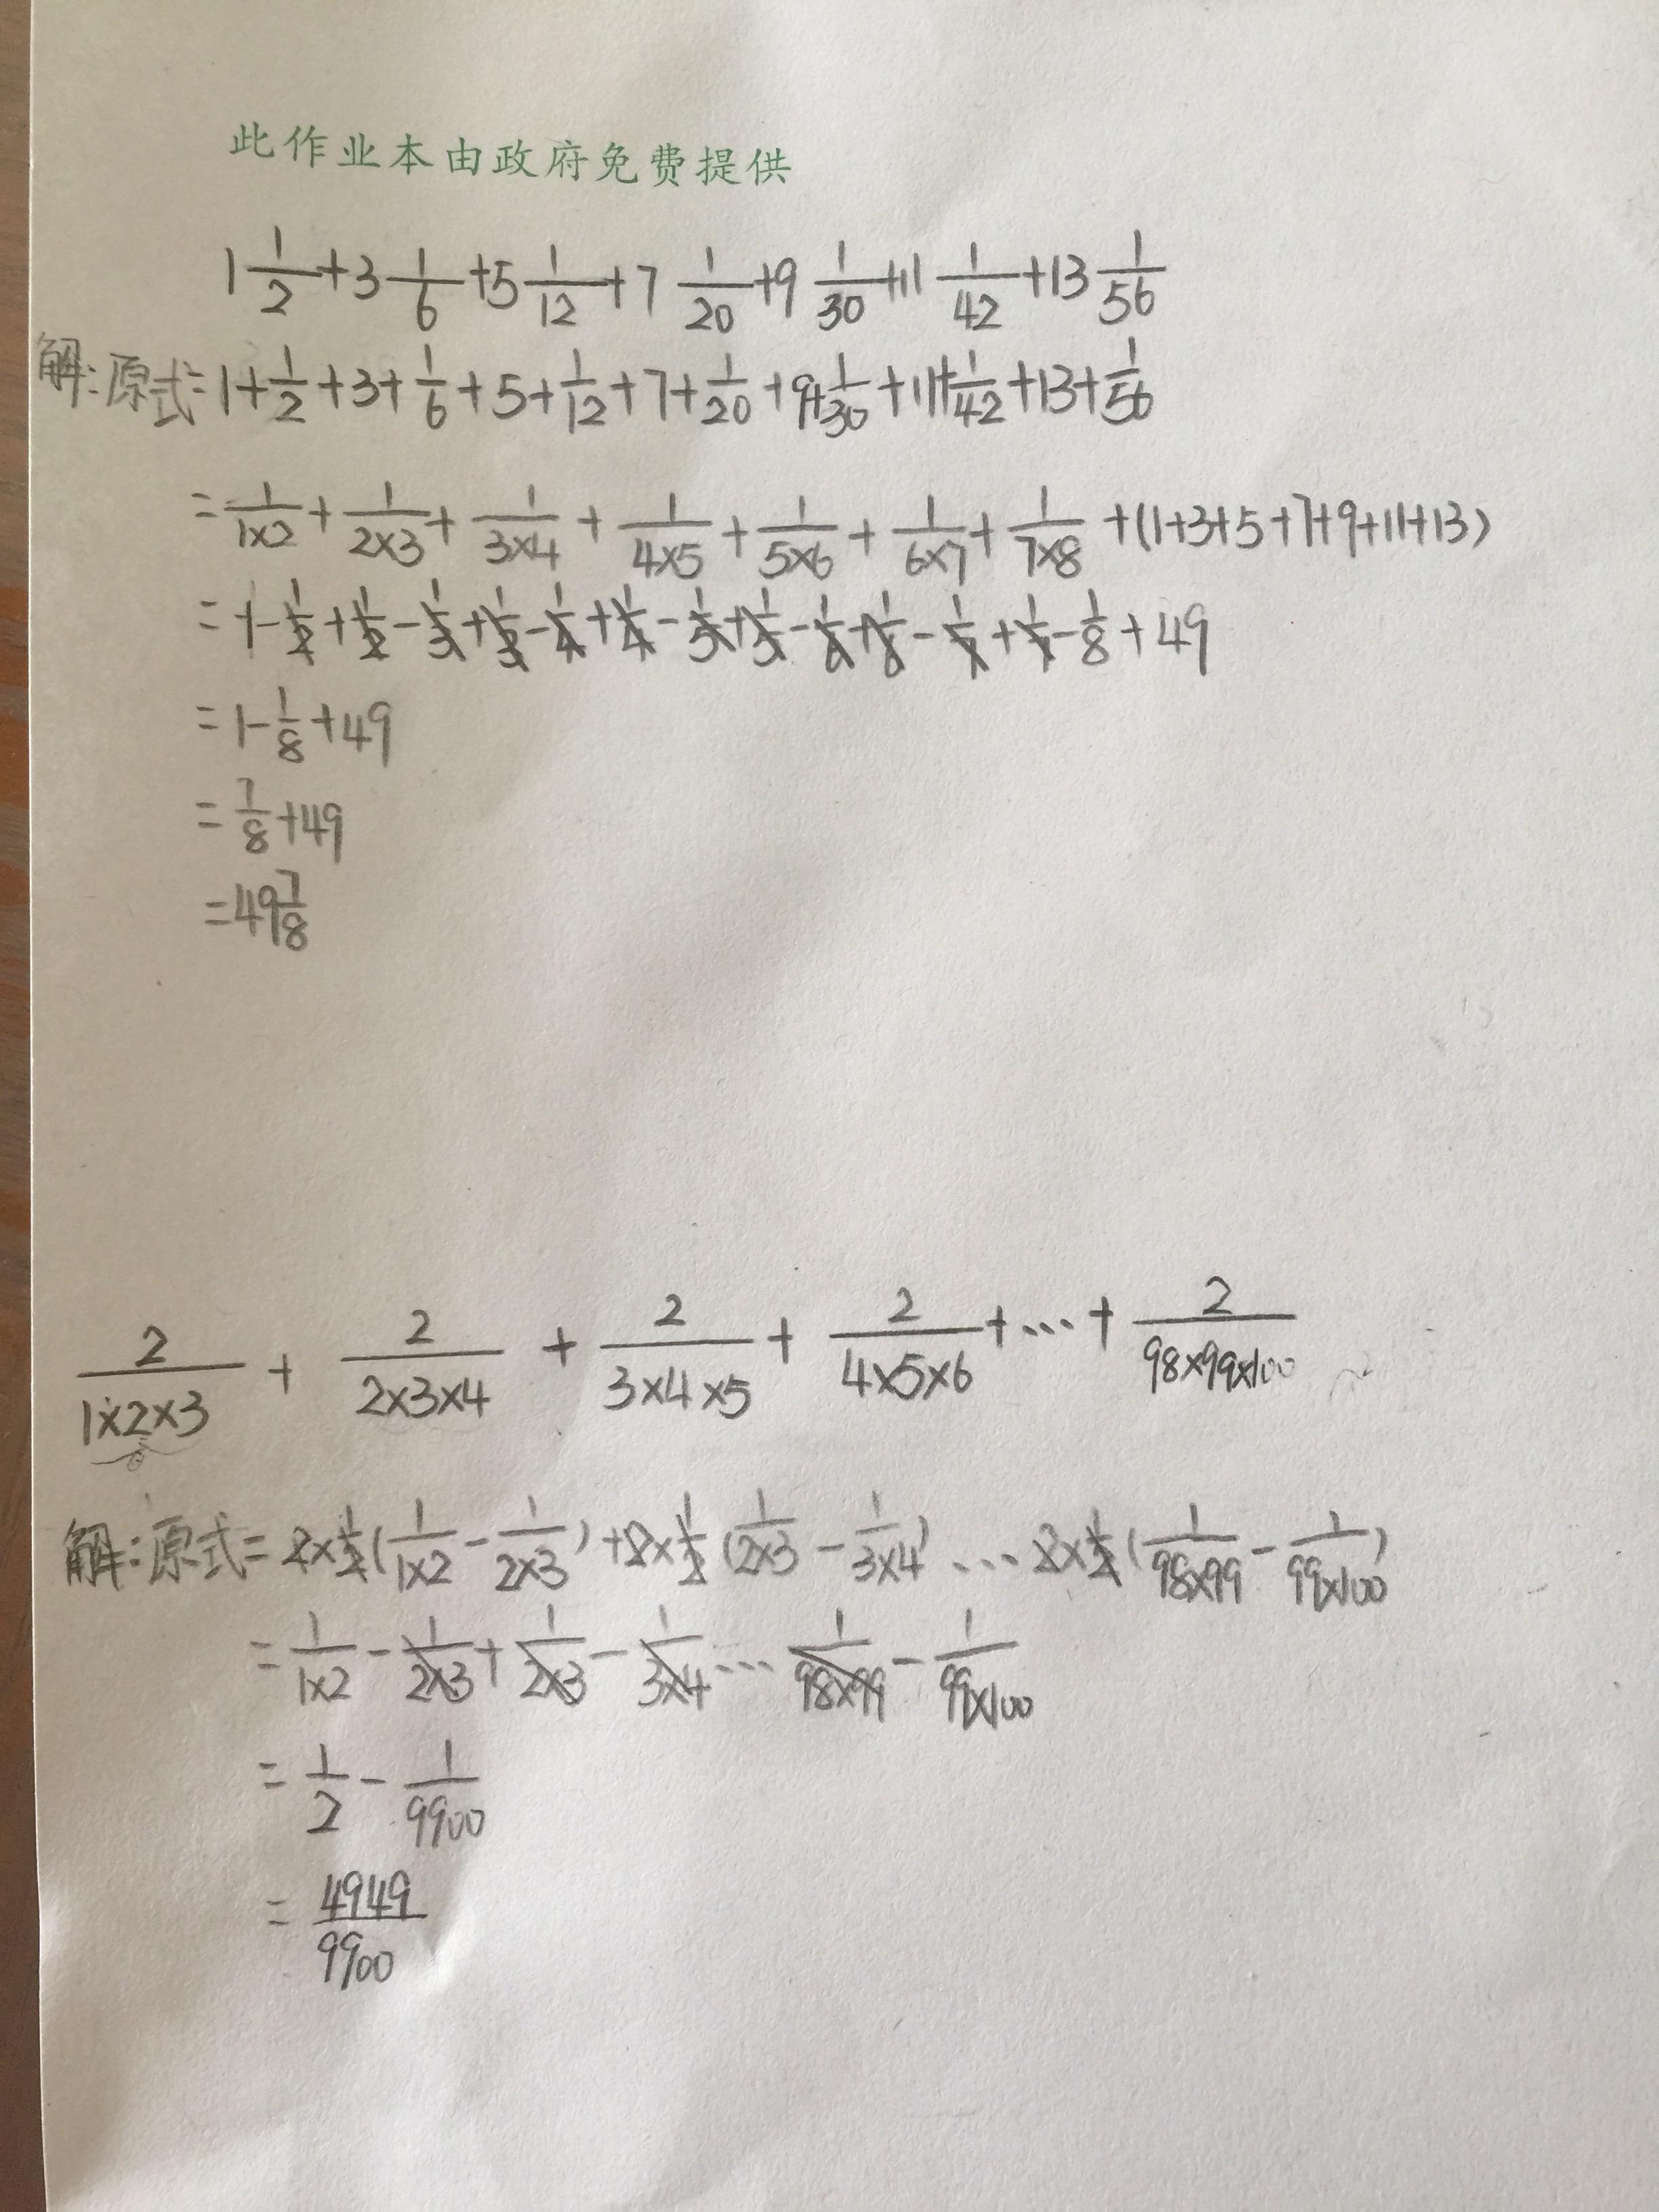 30A3BC07-460D-4837-BC62-91CE657C1D4C.jpg